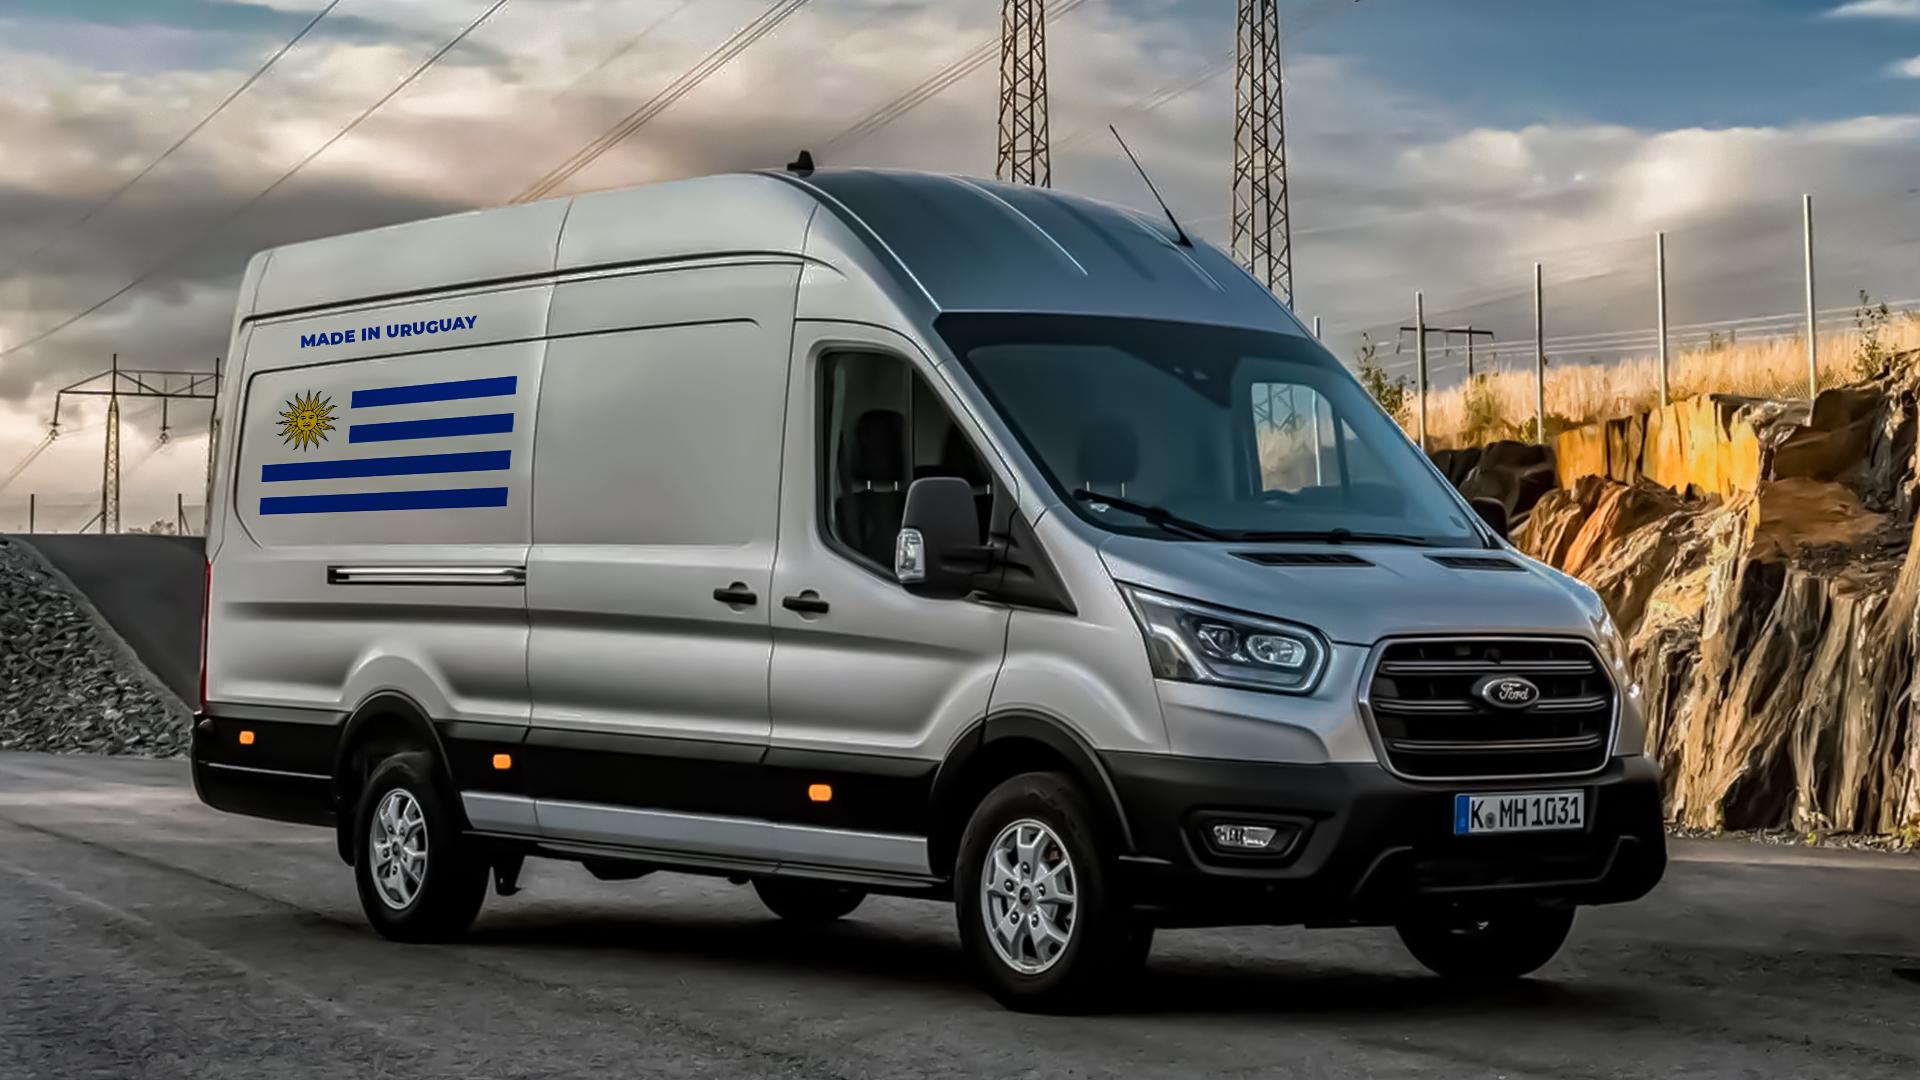 Linha Transit da Ford será produzida no Uruguai